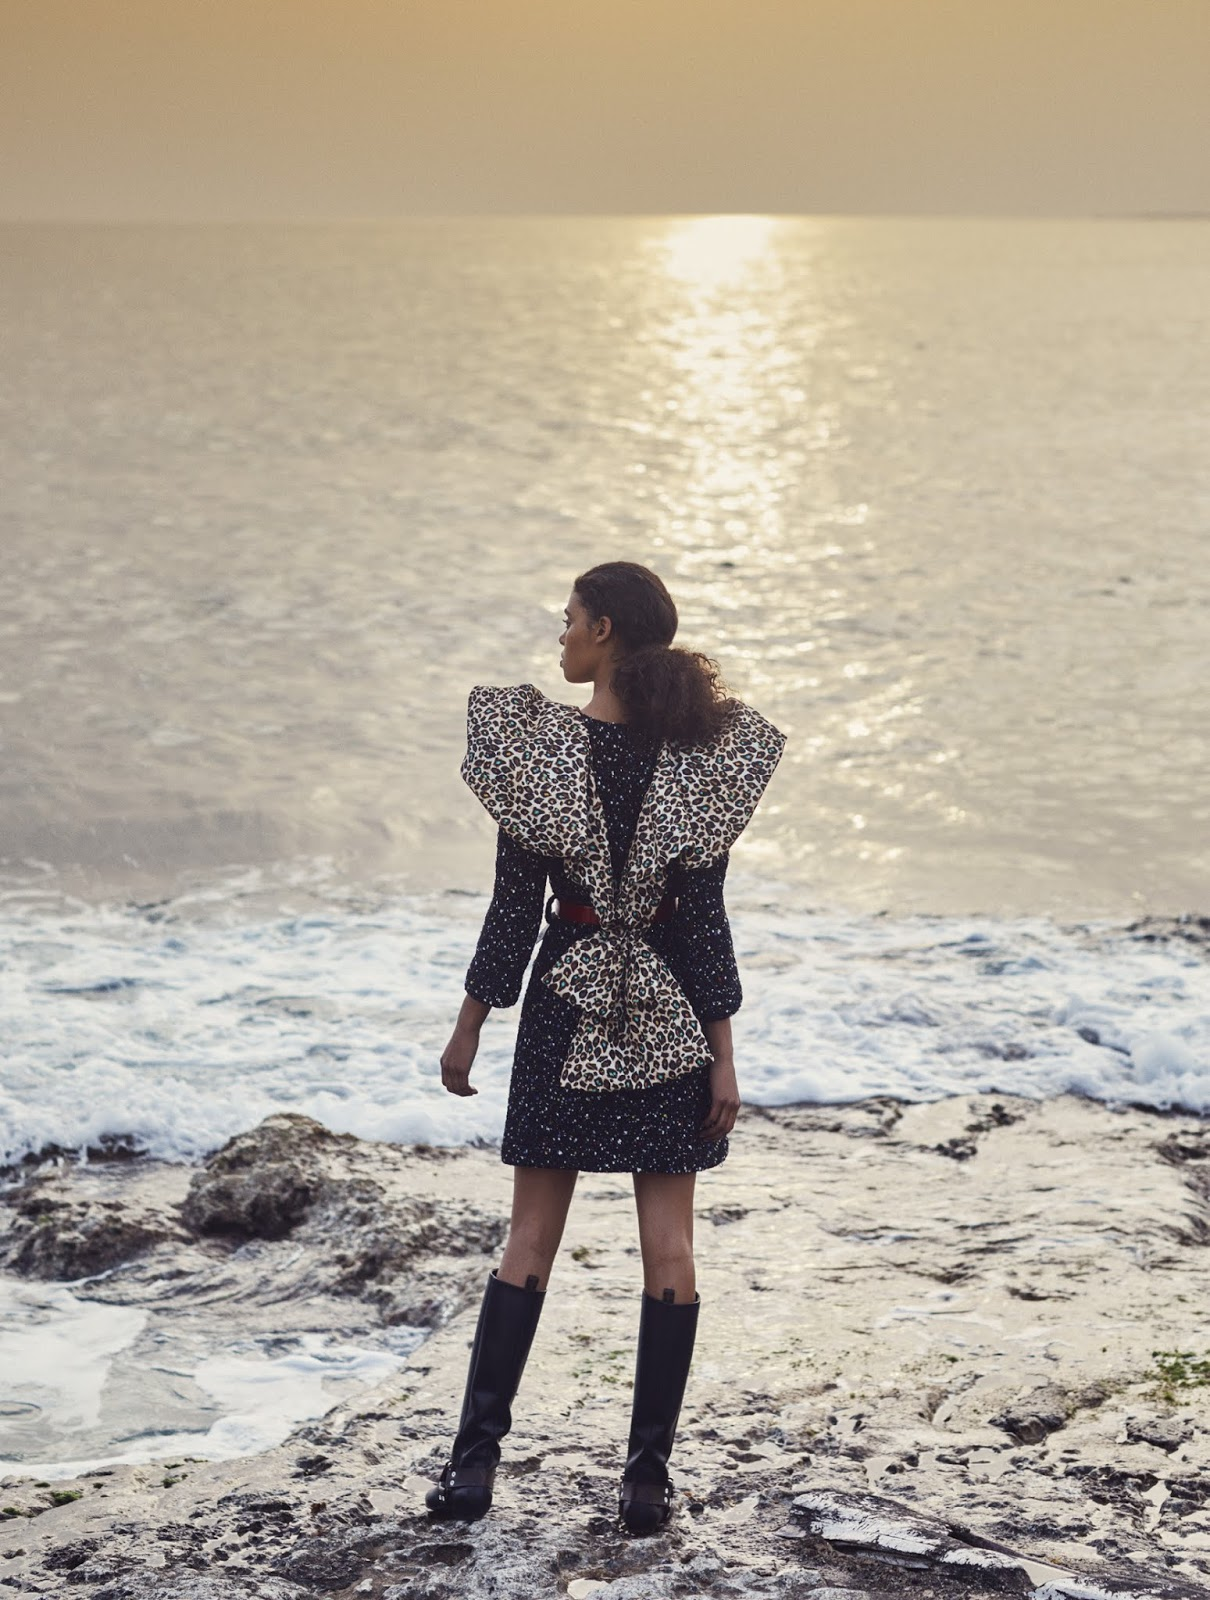 Alyssa Traore for Elle UK August 2019 (1).jpg